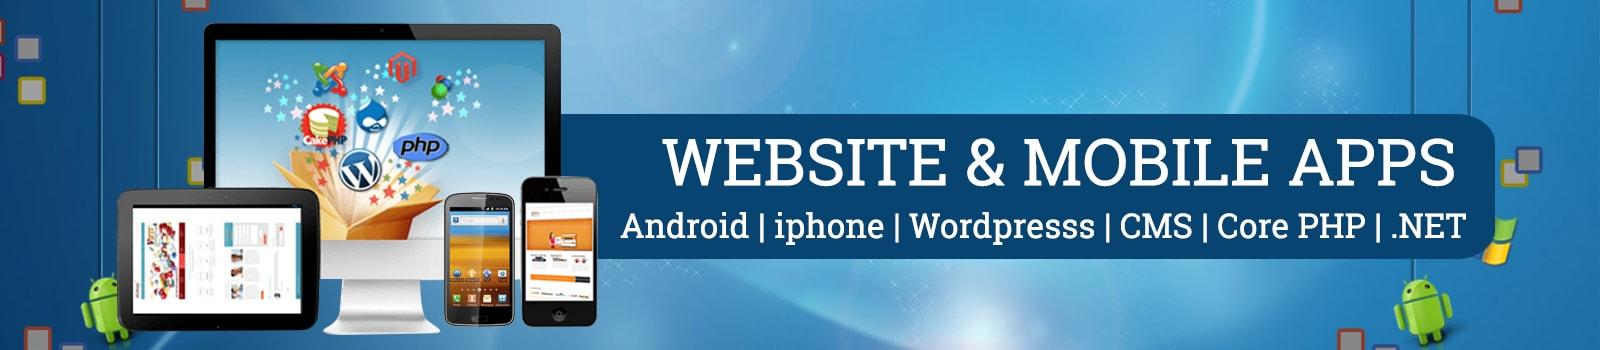 website & Mobile Apps-min